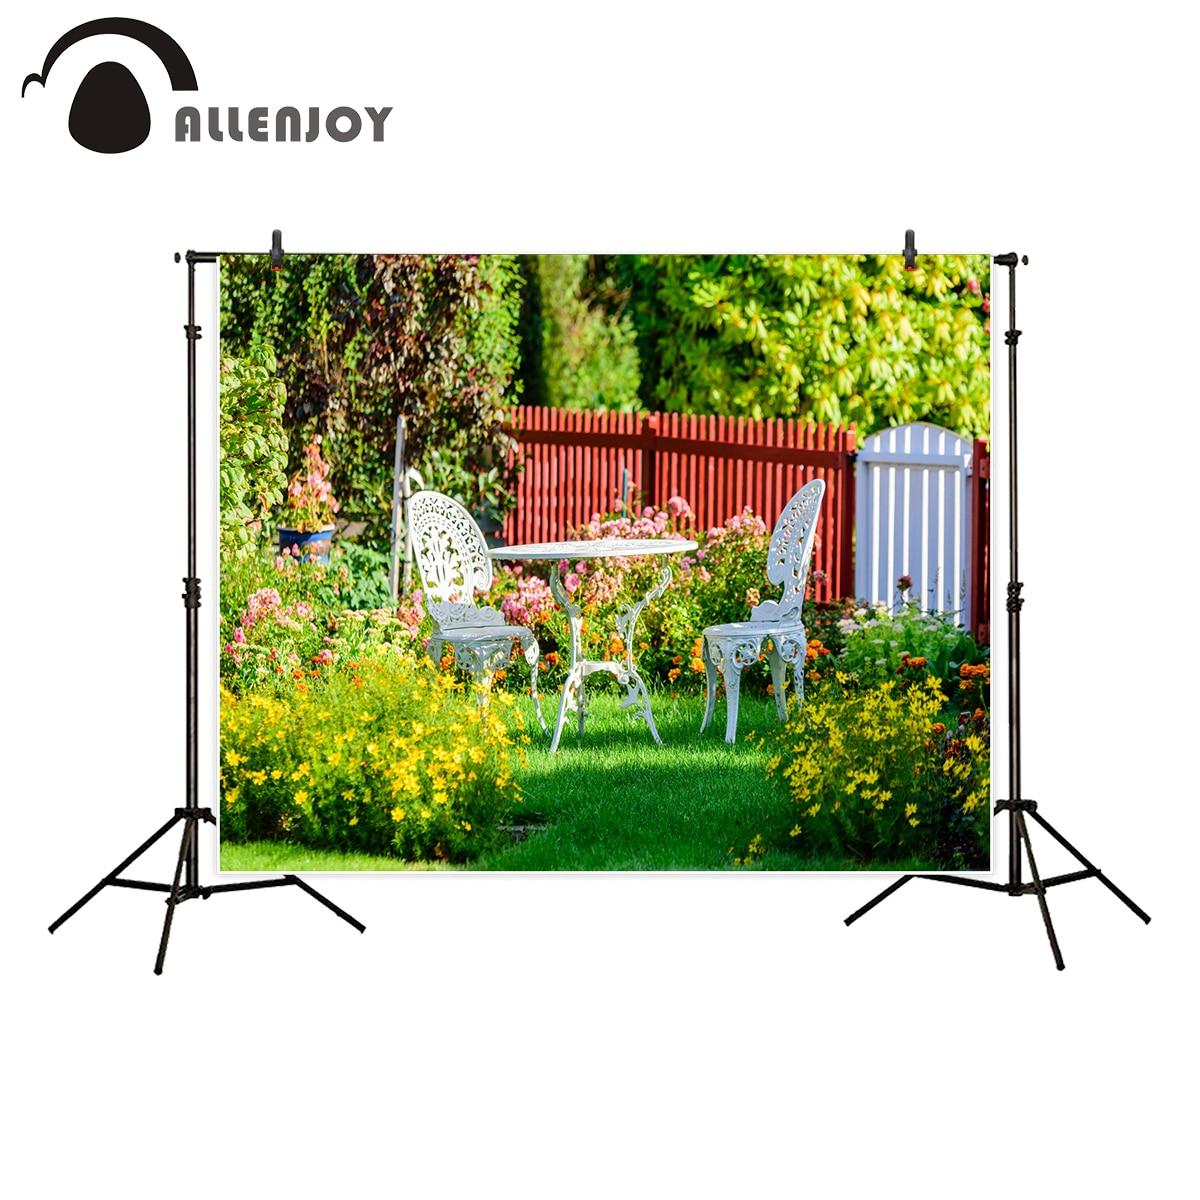 Allenjoy Фон фотографии белая садовая мебель цветы газон штакетник фон фотостудия Новая камера fotografica